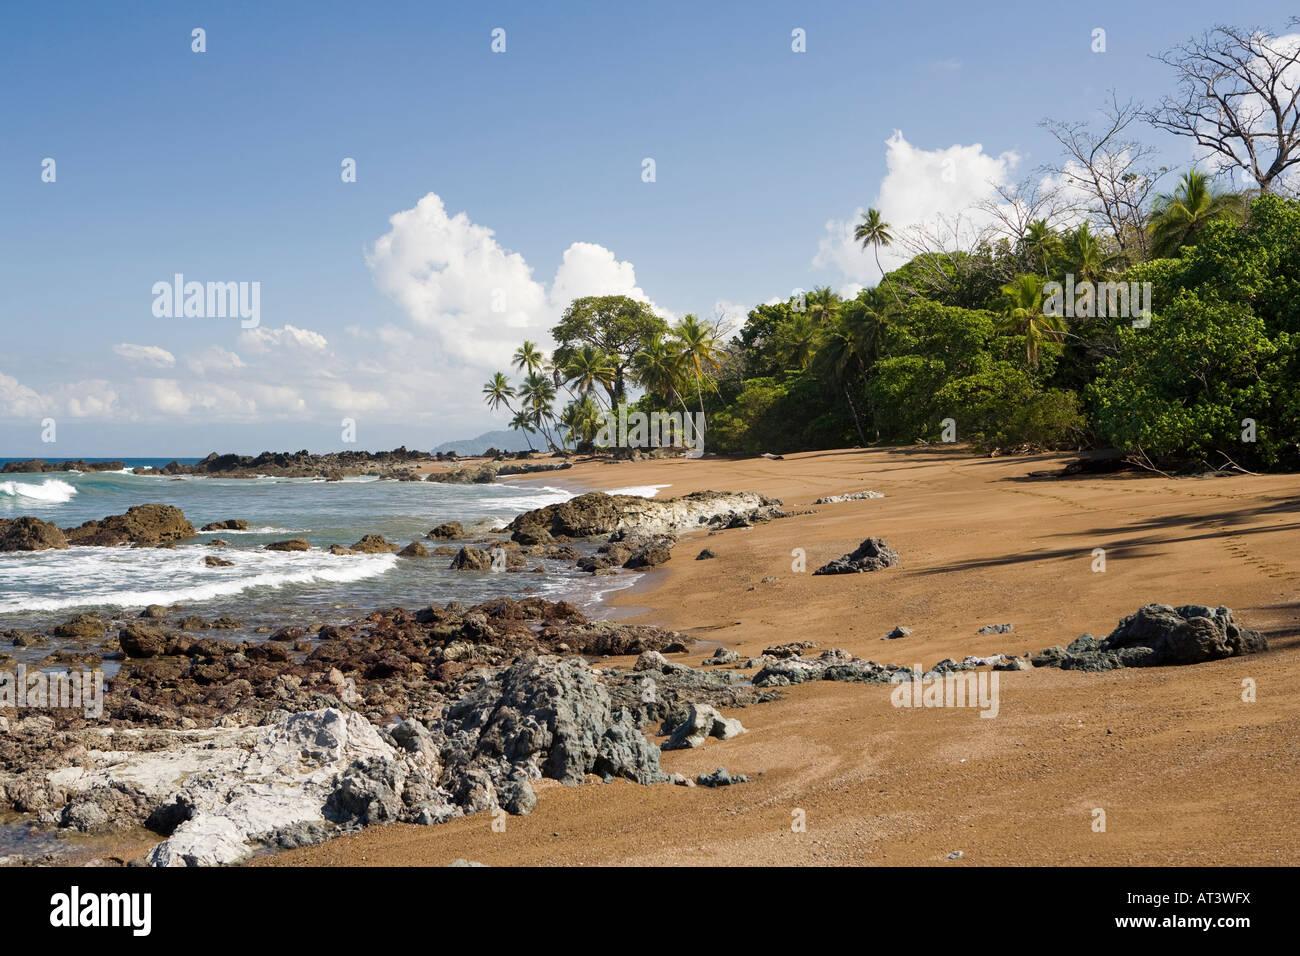 Costa Rica Osa Peninsula Playa Las Caletas - Stock Image